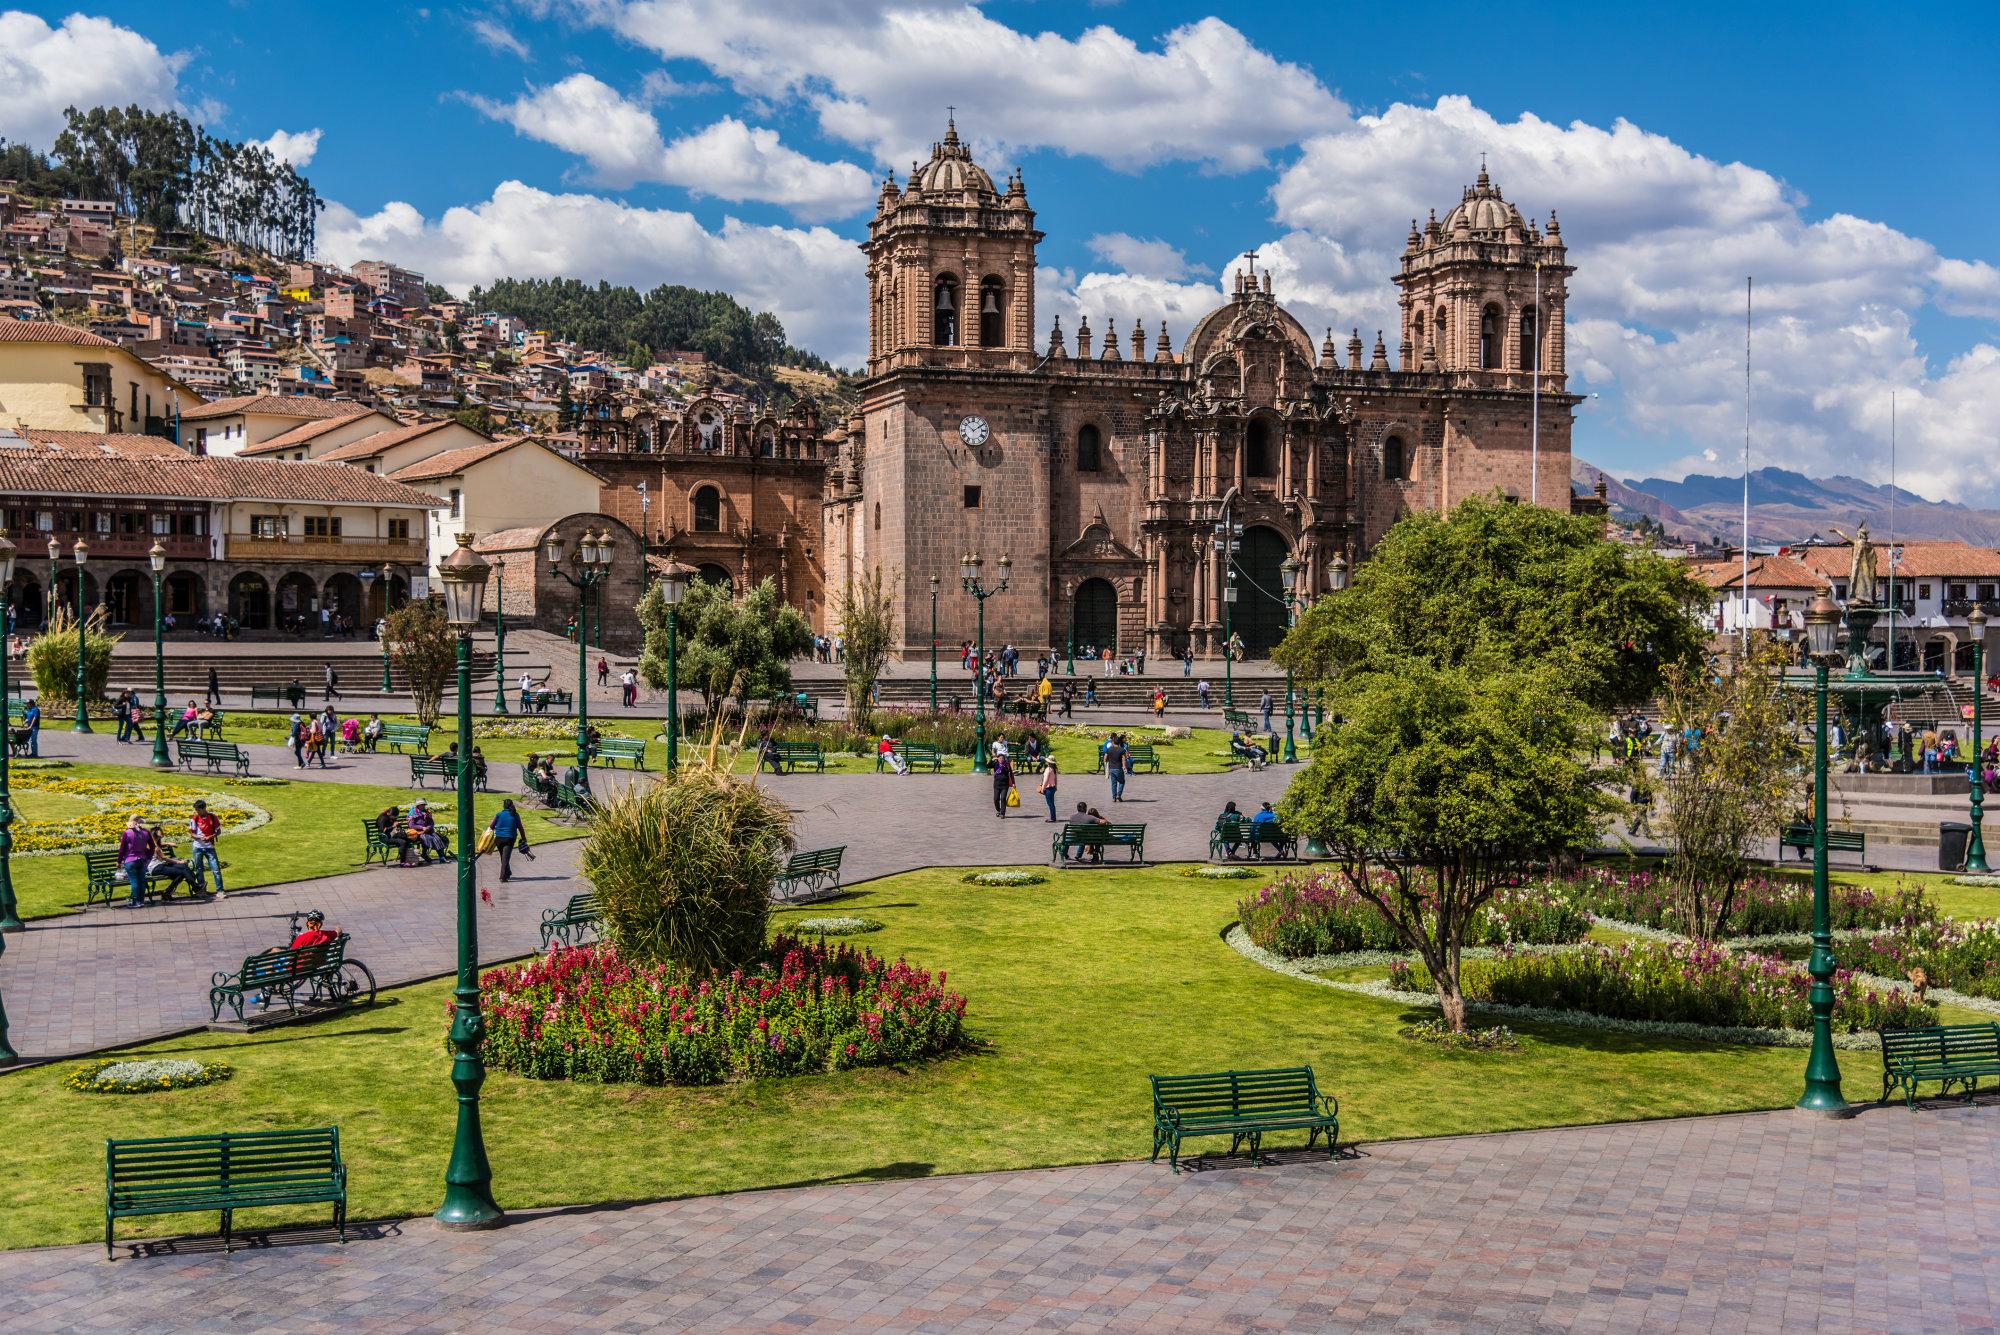 9. La primera catedral de Cusco es la Iglesia del Triunfo, construida en 1539 sobre la base del palacio de Viracocha Inca. En la actualidad, esta iglesia es una capilla auxiliar de la Catedral.